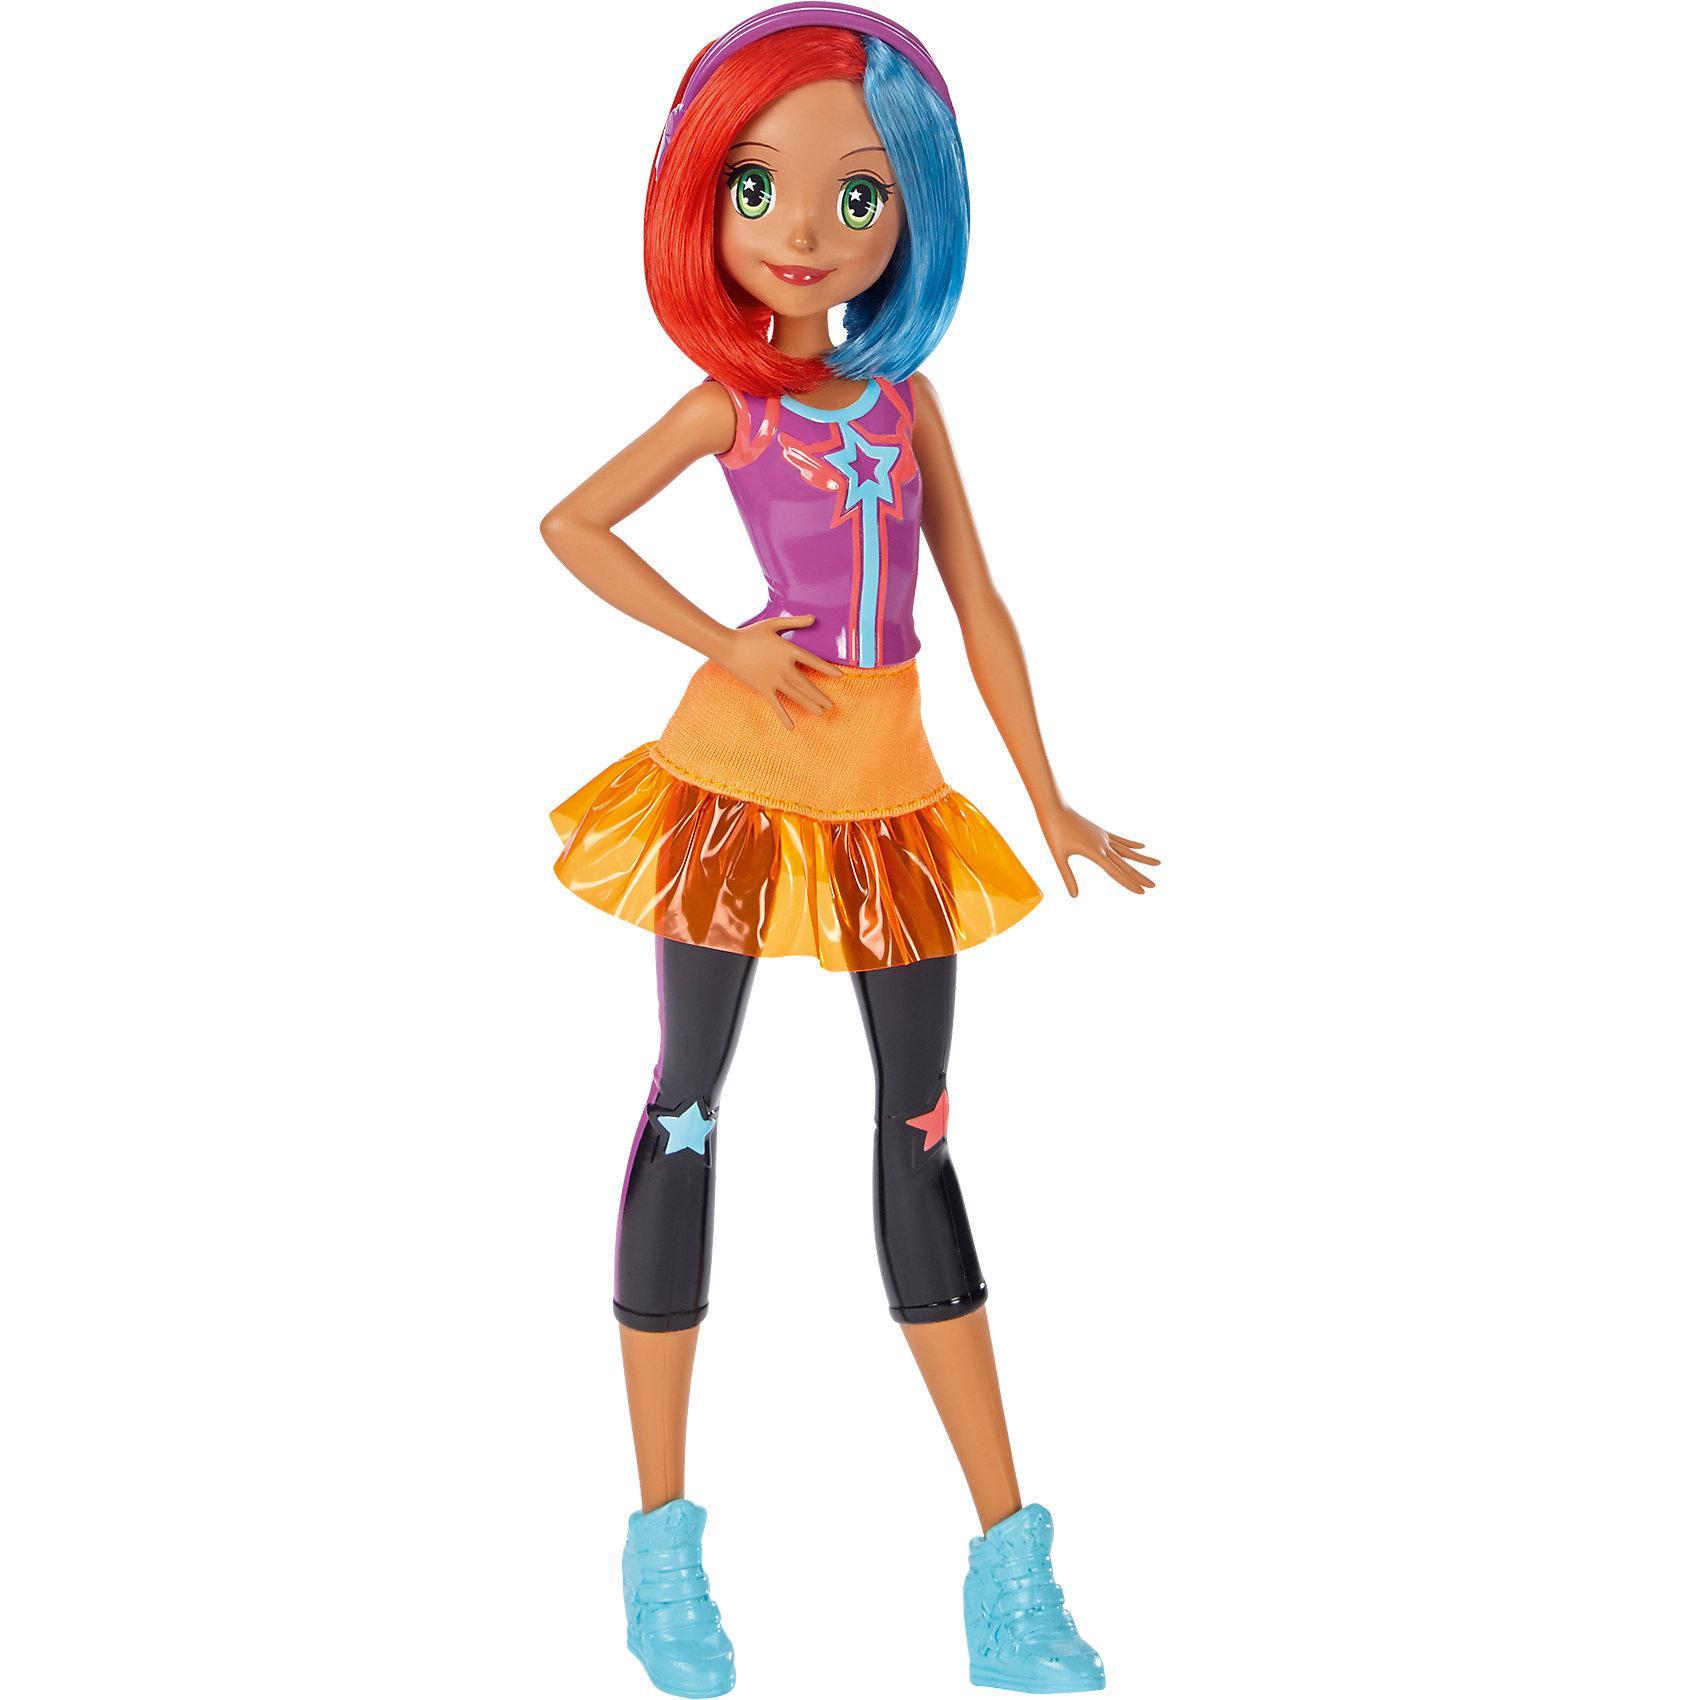 Подружка Barbie из серии «Barbie и виртуальный мир» Multi-ColorПопулярные игрушки<br>Характеристики товара:<br><br>• комплектация: кукла, аксессуары<br>• материал: пластик, текстиль<br>• серия: Barbie и виртуальный мир<br>• руки, ноги гнутся<br>• высота куклы: 25,5 см<br>• возраст: от трех лет<br>• размер упаковки: 32х12х6 см<br>• вес: 0,3 кг<br>• страна бренда: США<br><br>Барби может разной! Такой современный образ изящной куклы порадует маленьких любительниц мультфильмов про приключения Barbie. Костюм героини мультфильма дополняет обувь и аксессуары. Руки и ноги гнутся! Барби из серии «Barbie и виртуальный мир» станет великолепным подарком для девочек.<br><br>Таки куклы помогают девочкам отработать сценарии поведения в обществе, развить воображение и мелкую моторику. Барби от бренда Mattel не перестает быть популярной! <br><br>Куклу Подружка Barbie из серии «Barbie и виртуальный мир» Multi-Color от компании Mattel можно купить в нашем интернет-магазине.<br><br>Ширина мм: 324<br>Глубина мм: 116<br>Высота мм: 50<br>Вес г: 137<br>Возраст от месяцев: 36<br>Возраст до месяцев: 72<br>Пол: Женский<br>Возраст: Детский<br>SKU: 5257088